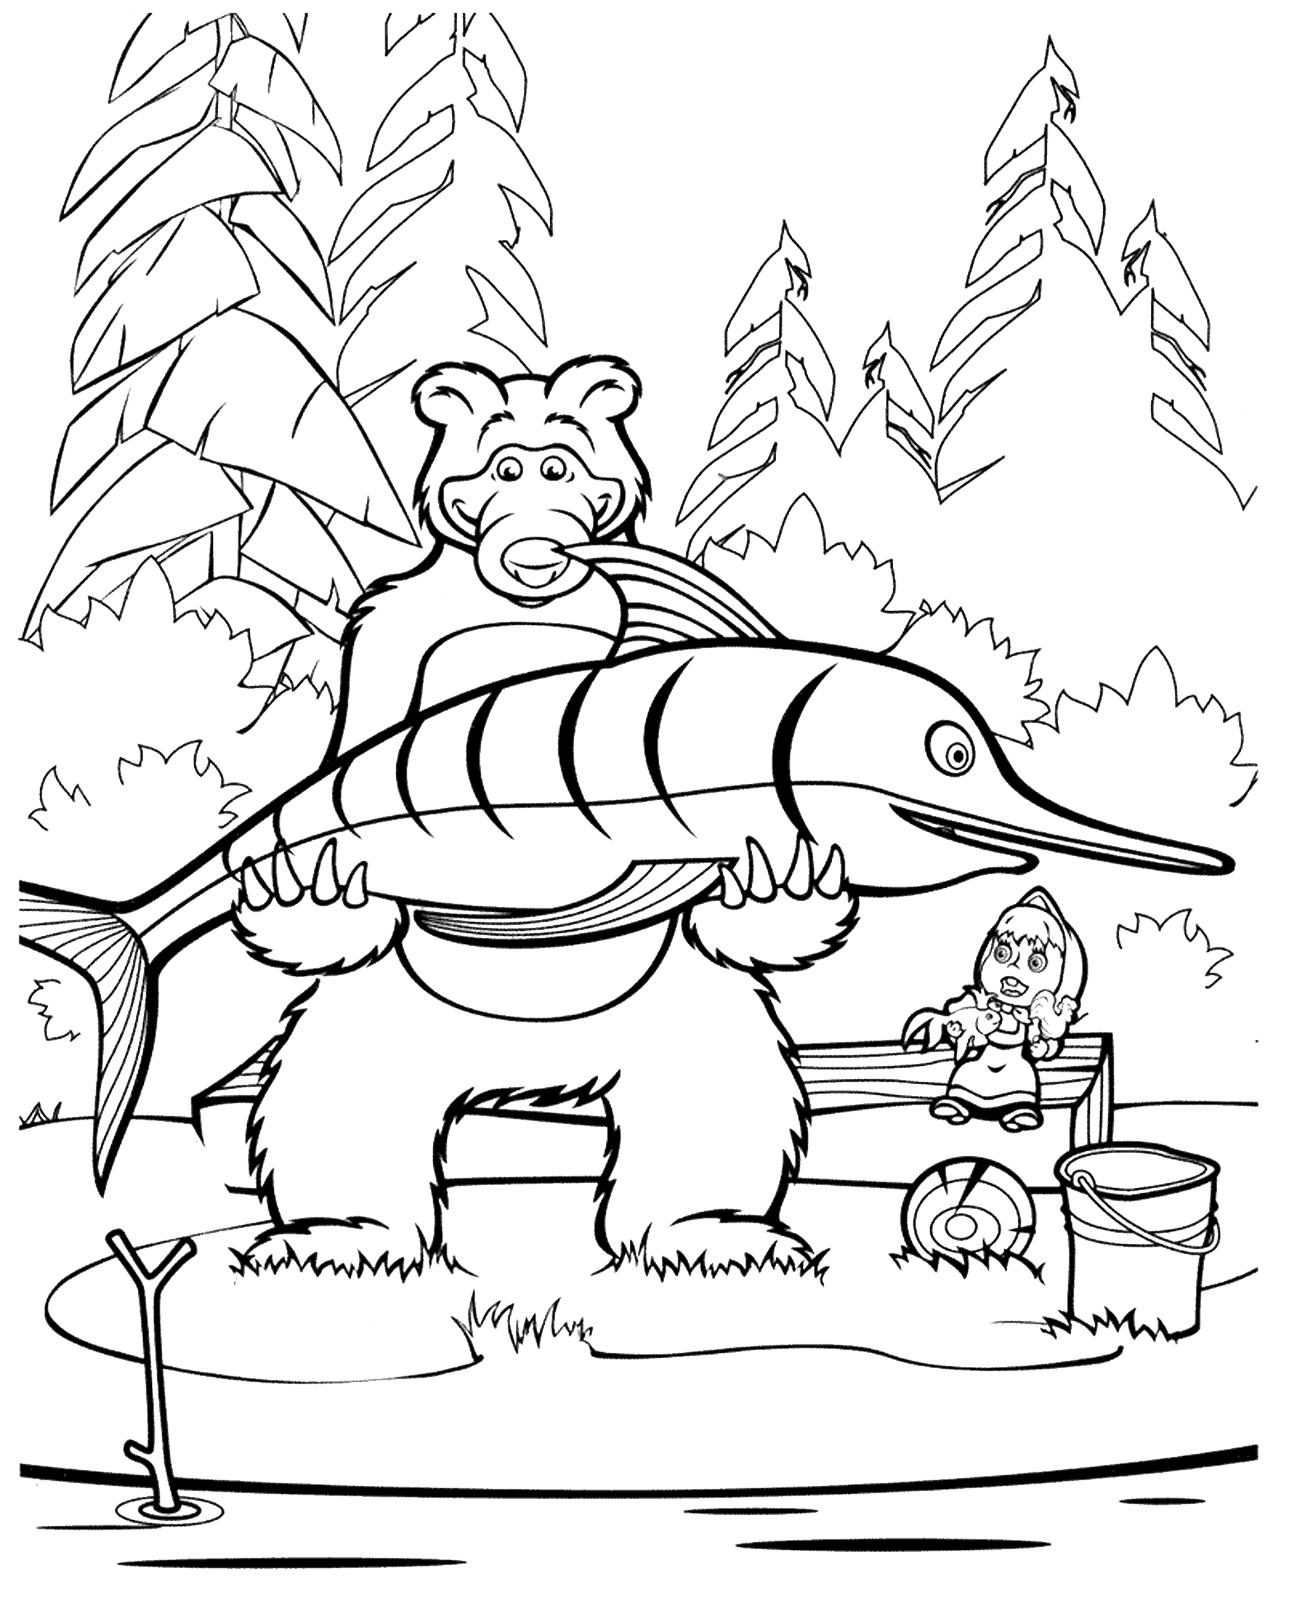 Раскраска - Маша и медведь